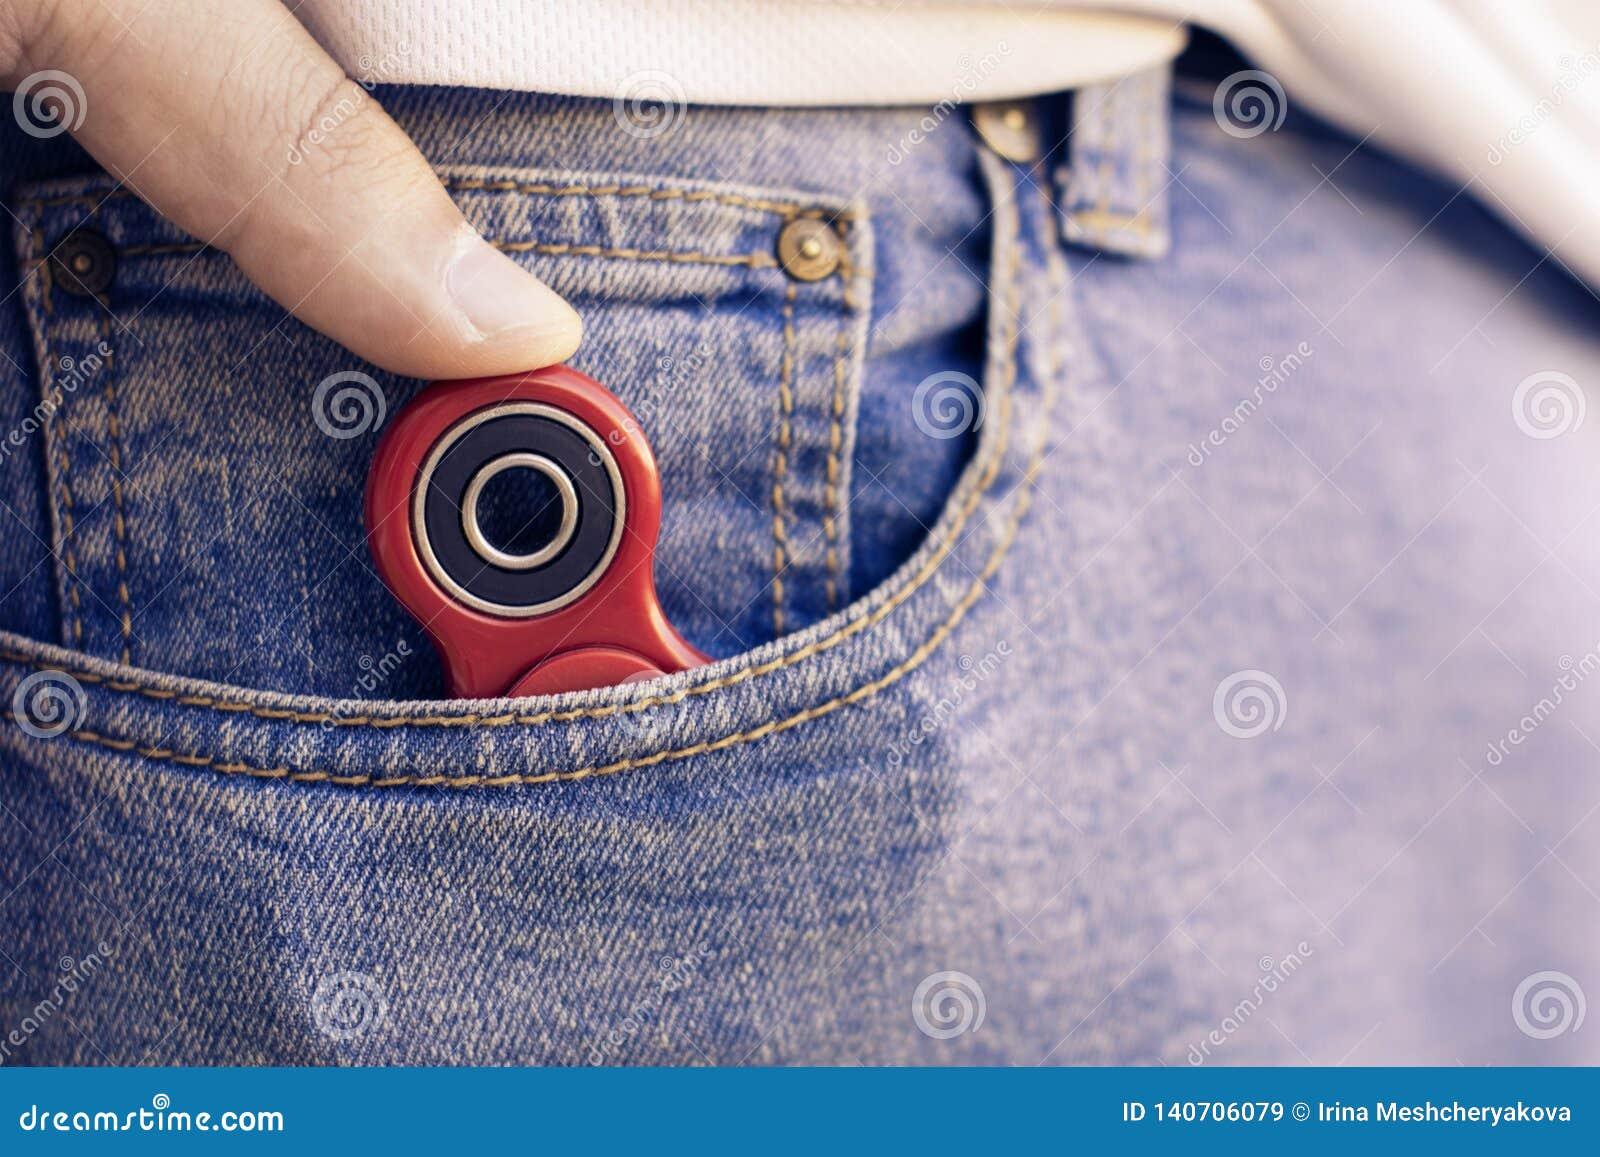 Кавказский человек прячет его красный обтекатель втулки непоседы пальца на кармане джинсов Популярное устройство обтекателя втулк